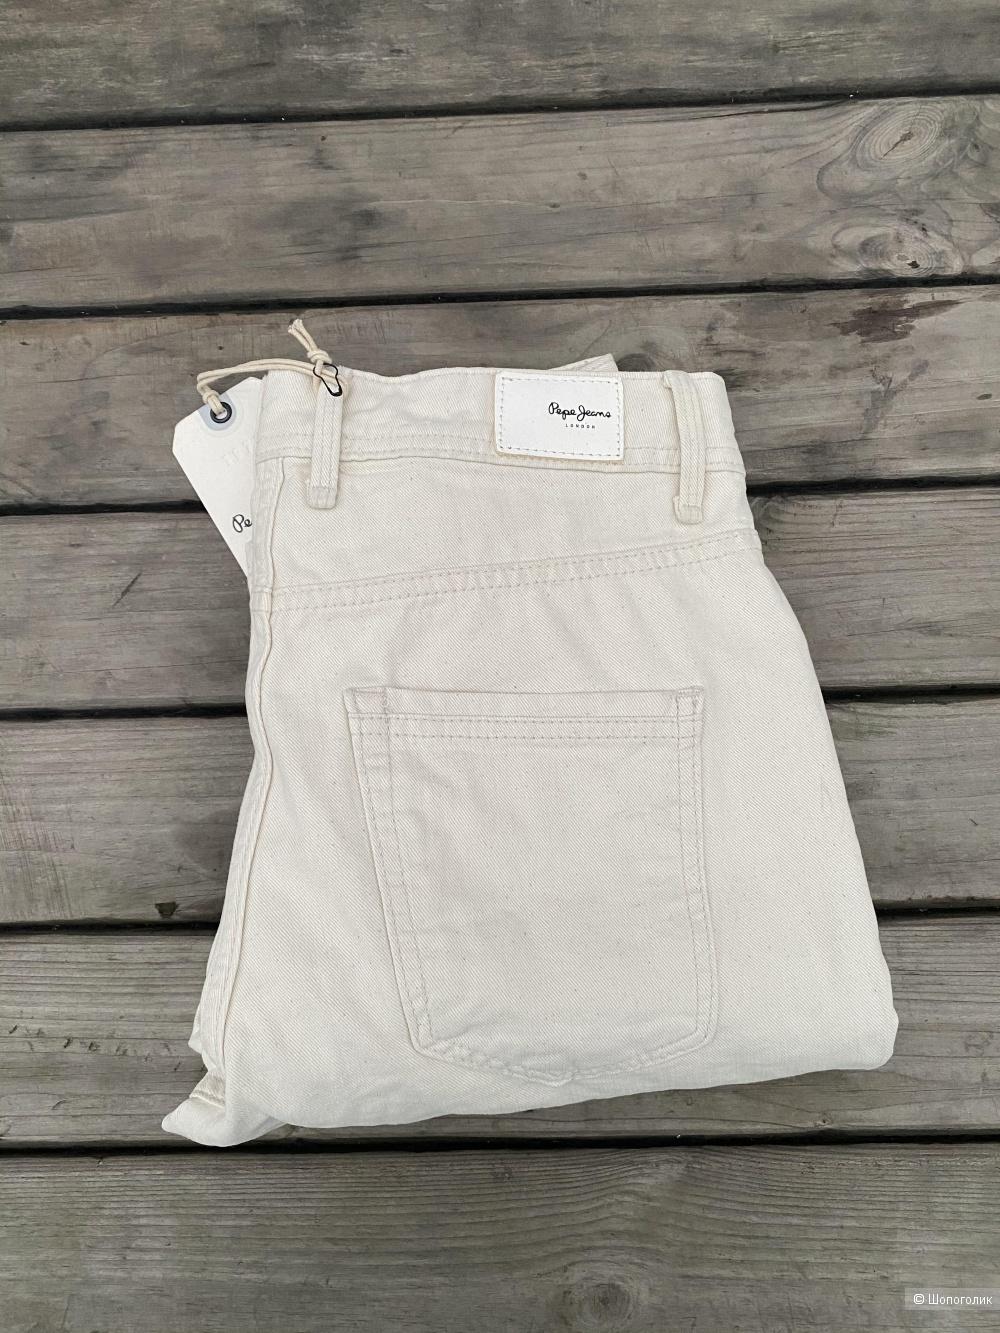 Джинсы Pepe Jeans, pp 25